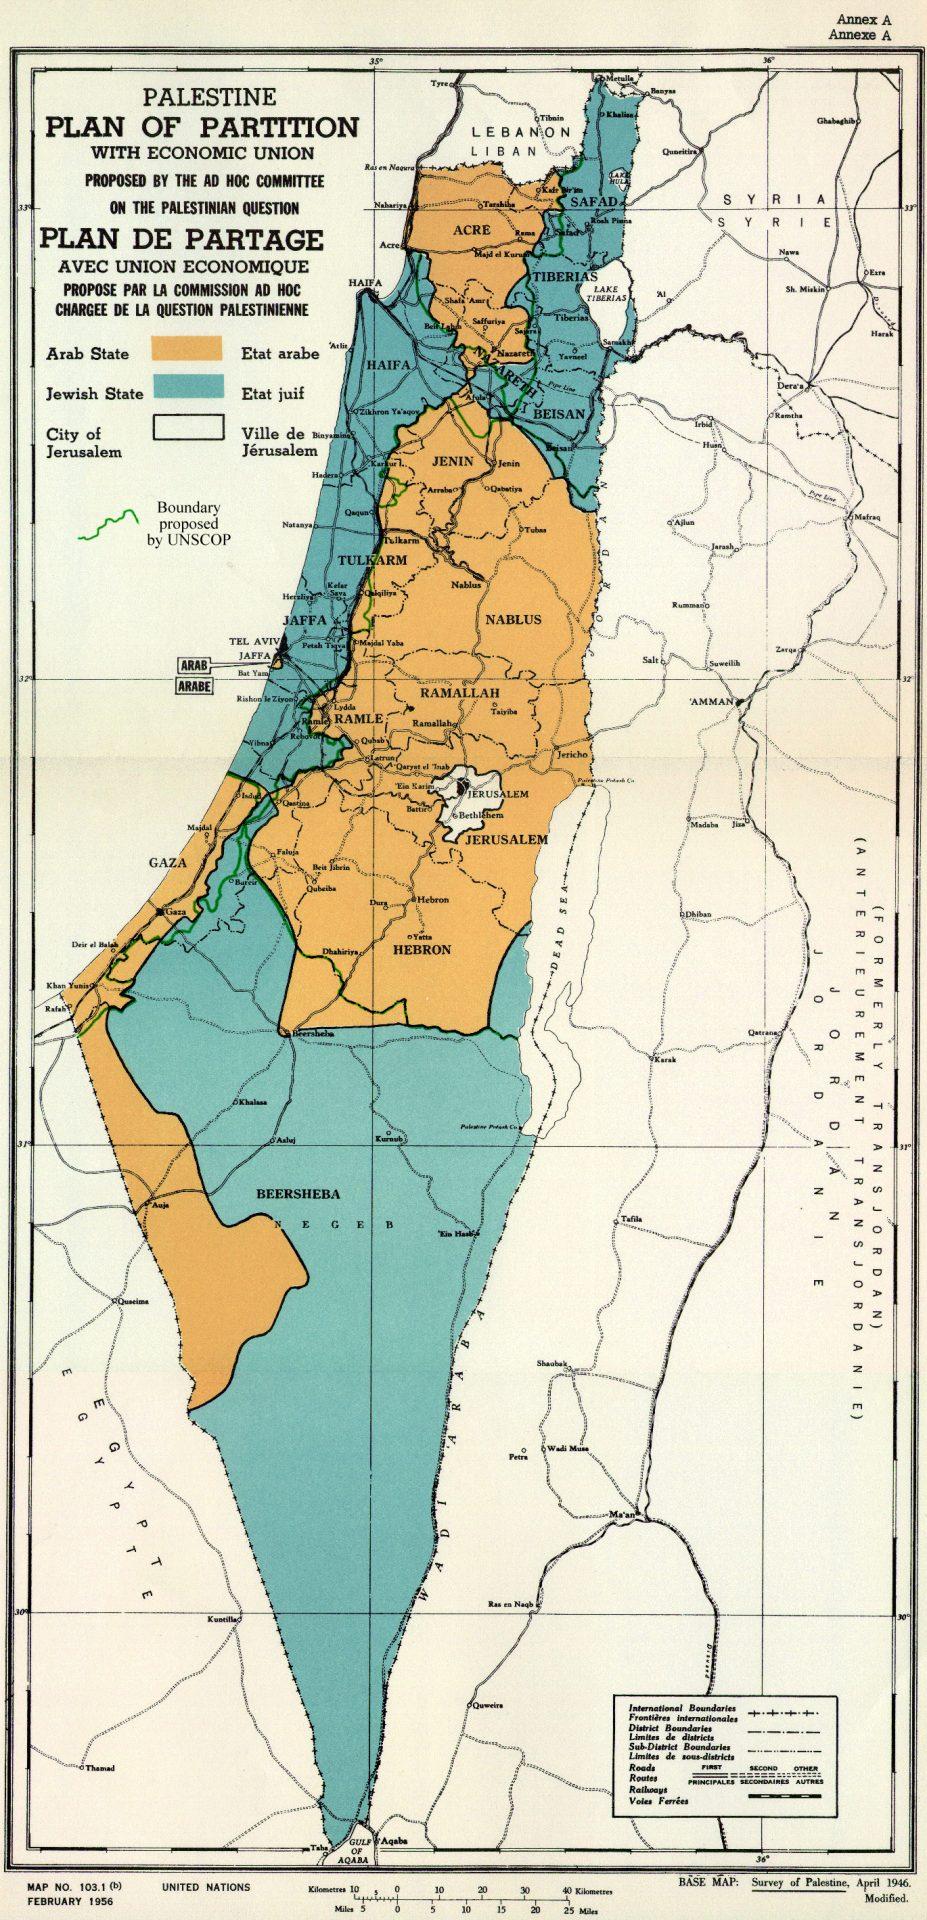 UN Palestine Partition Plan 1947